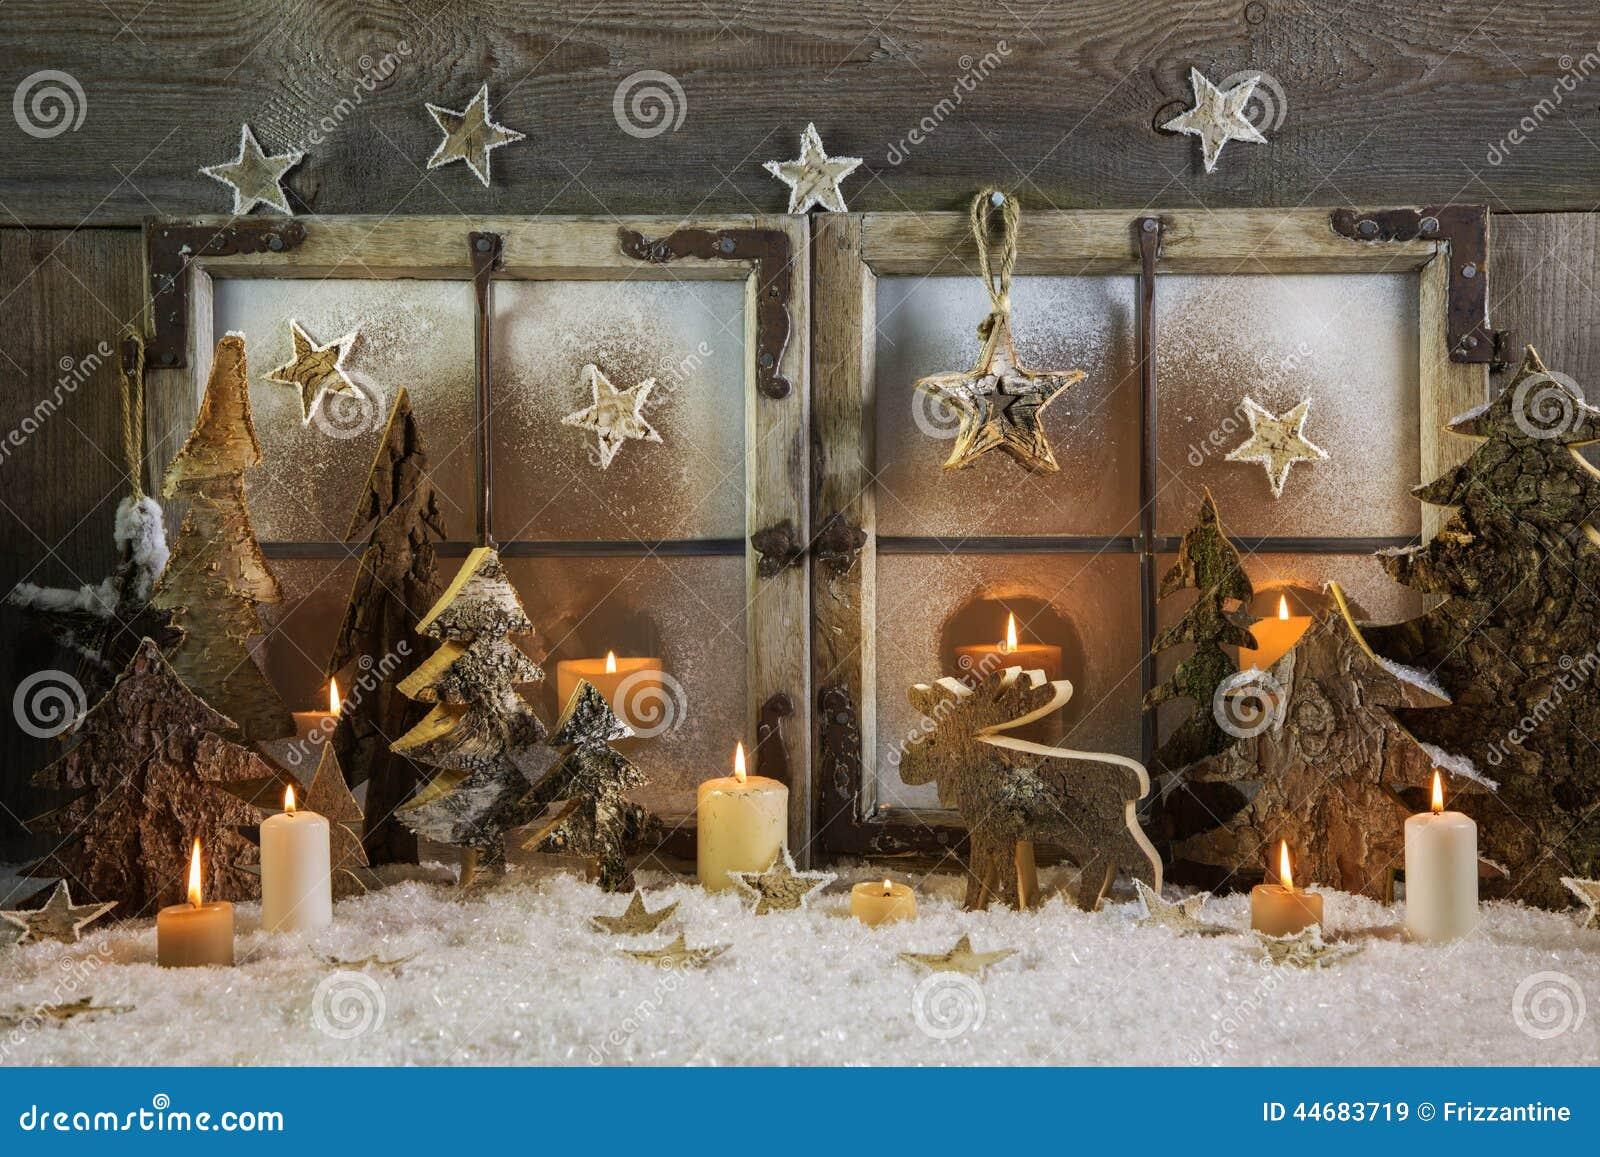 Deco exterieur noel for Decoration noel exterieur